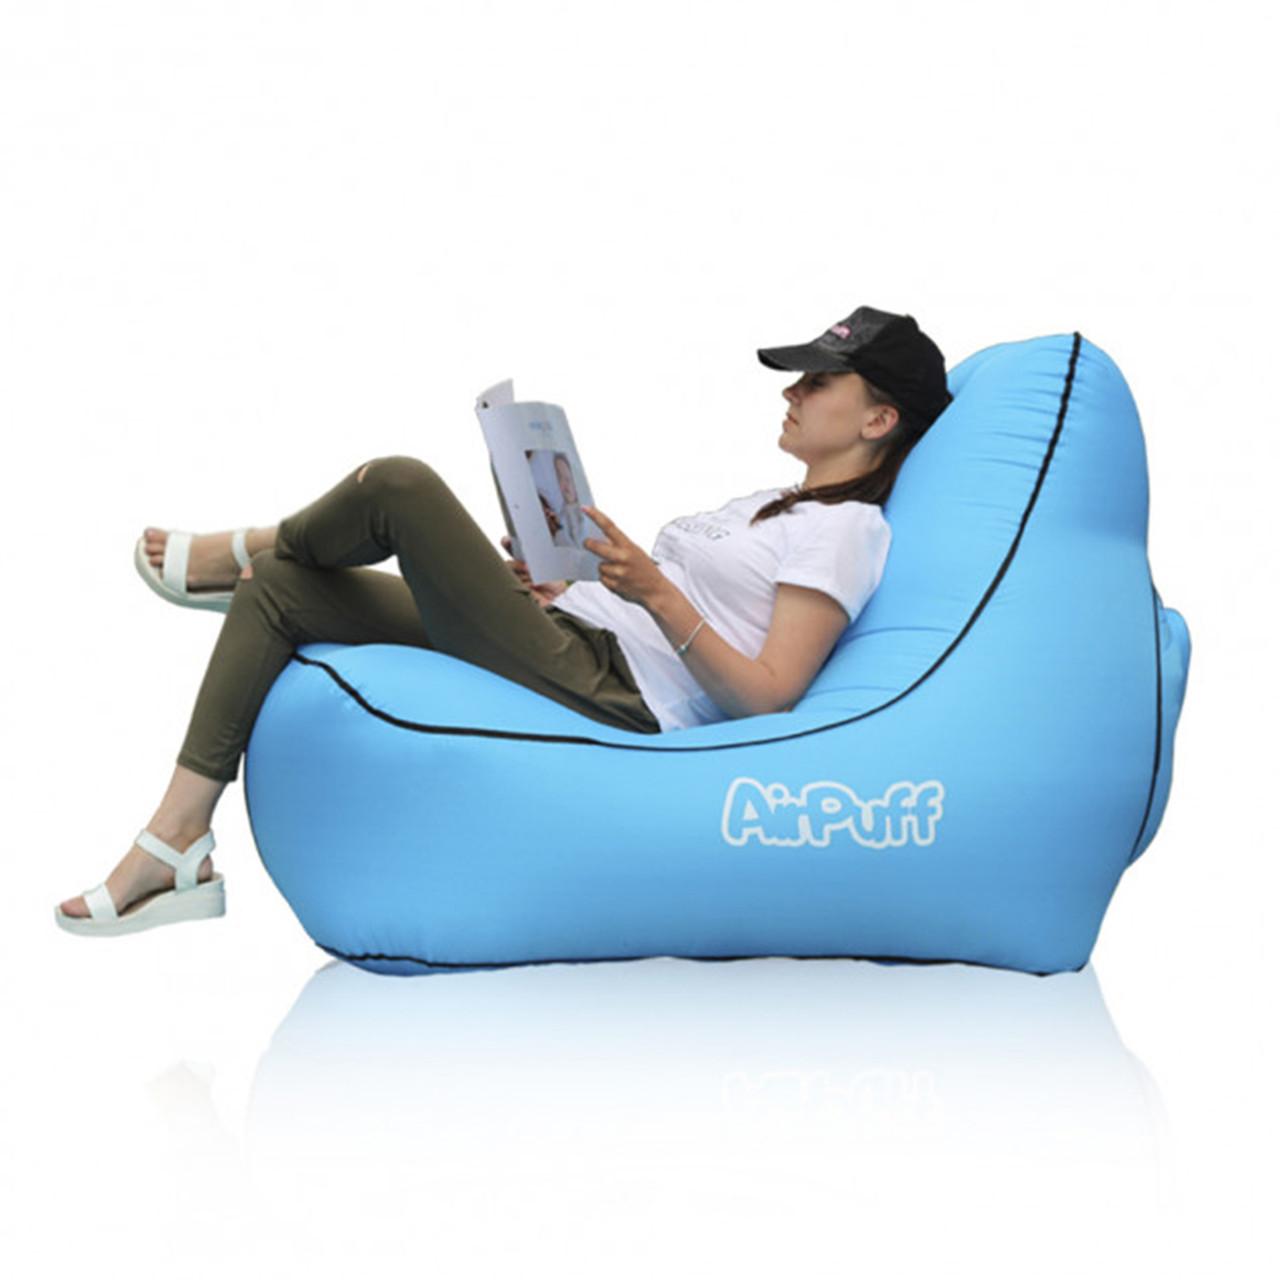 Надувний ламзак AirPuff, крісло-лежак для відпочинку на природі і пляжі (Blue)